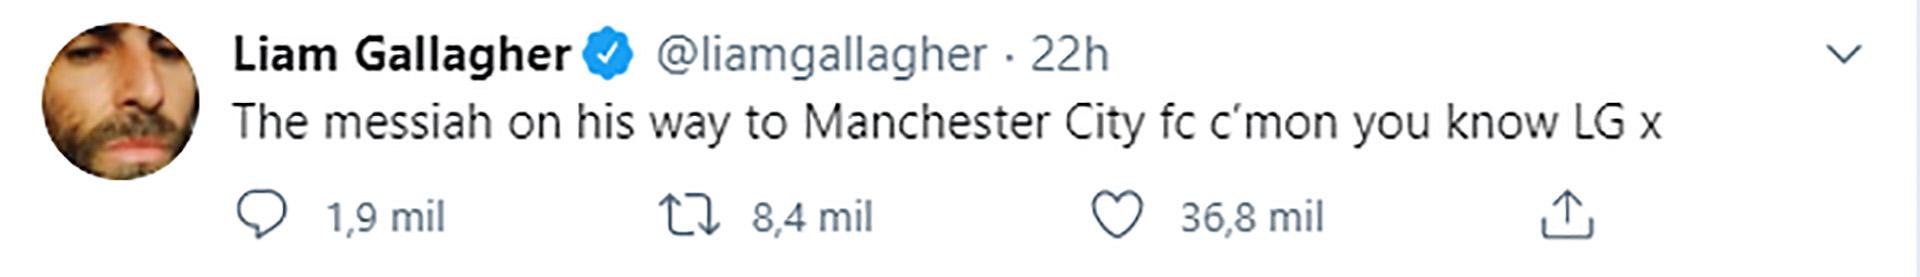 El mensaje de Liam Gallagher